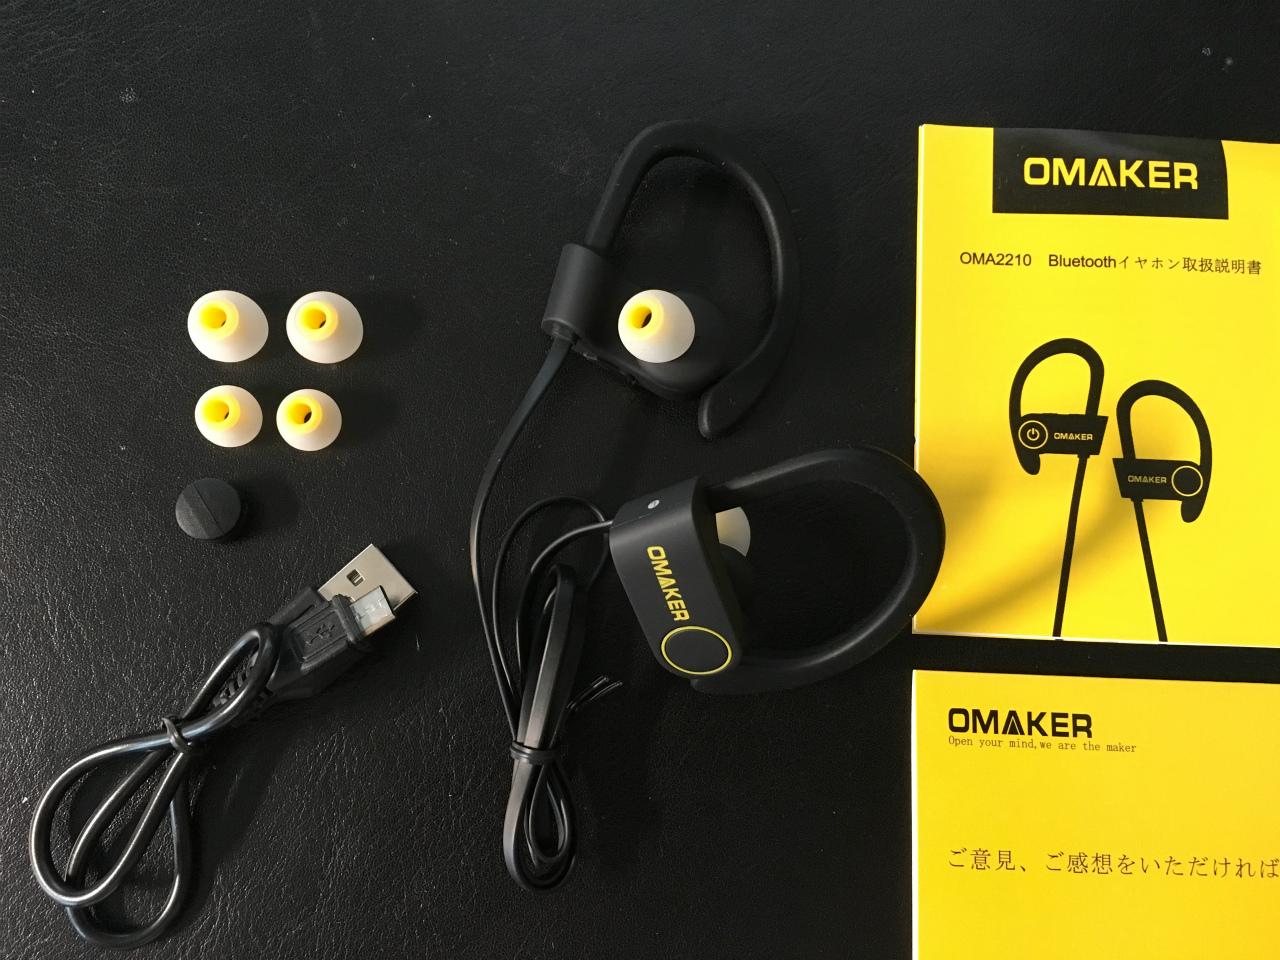 pr-omaker-oma2210-02